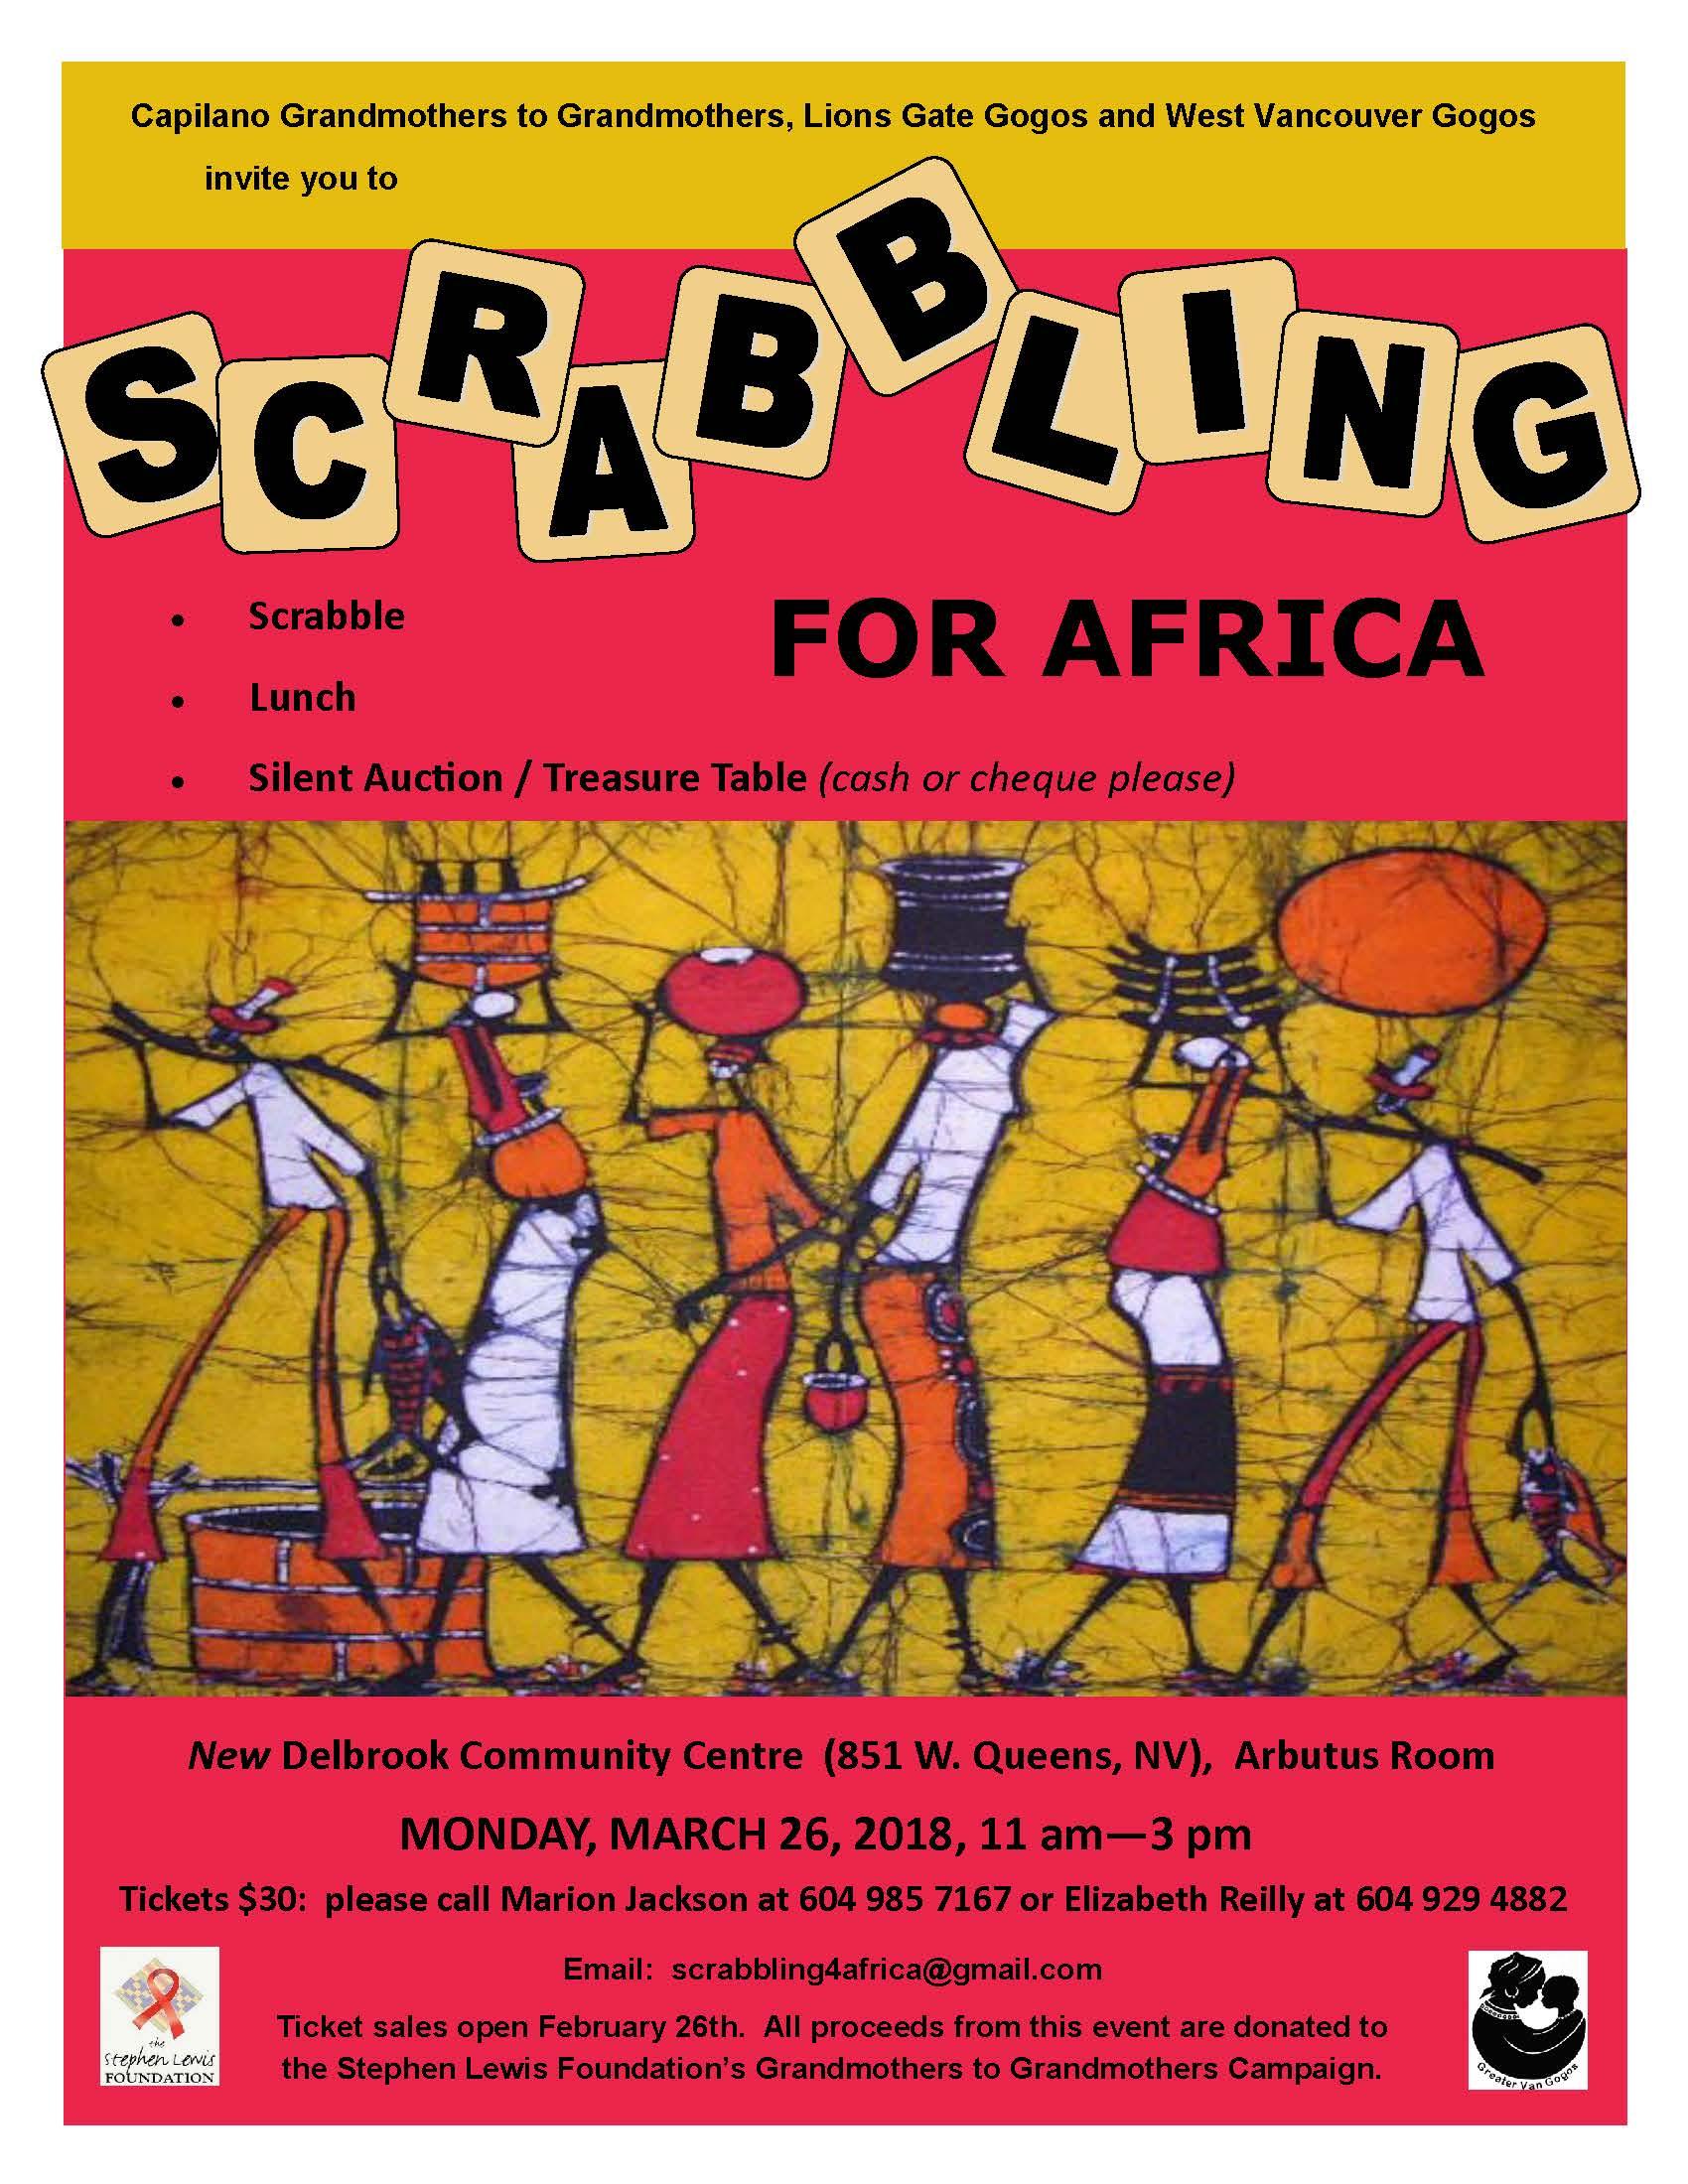 2018 Scrabbling for Africa